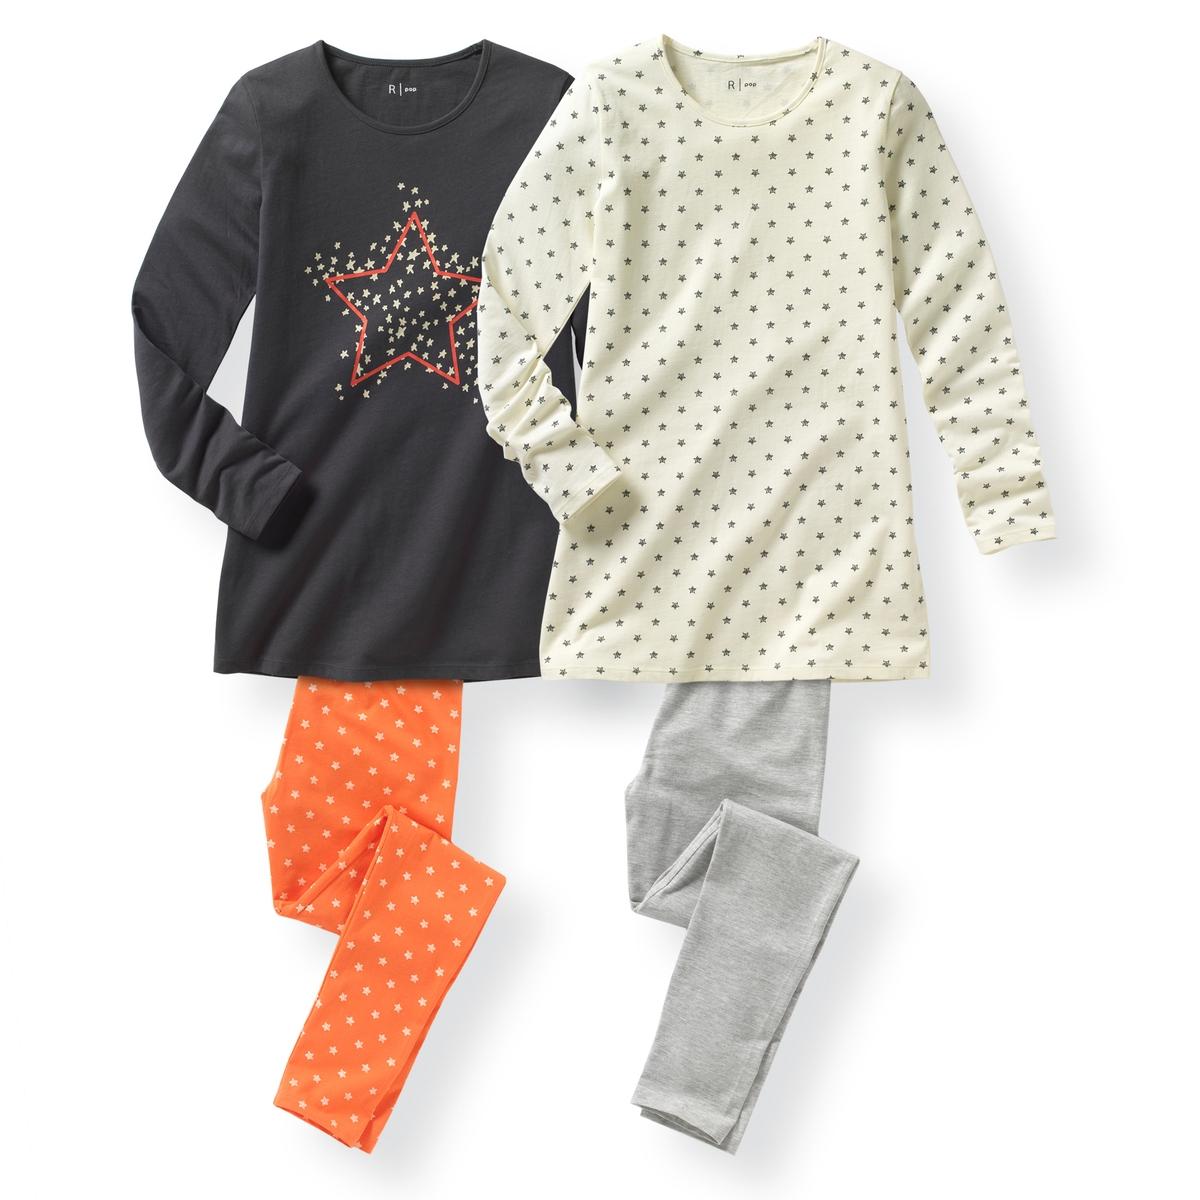 Комплект из 2 пижам с рисунком из джерси, 10-16 летПижама из джерси: футболка с длинными рукавами и леггинсы. В комплекте 2 пижамы  : 1 пижама с футболкой с рисунком звезды + 1 пижама с однотонной футболкой. 1 леггинсы с рисунком + 1 однотонные леггинсы с эластичным поясом. Состав и описание : Материал         100% хлопокМарка         R ?ditionУход :Машинная стирка при 30 °C с вещами схожих цветовСтирать и гладить с изнаночной стороныМашинная сушка в умеренном режимеГладить при низкой температуре<br><br>Цвет: серый + экрю<br>Размер: 10 лет - 138 см.12 лет -150 см.14 лет.16 лет